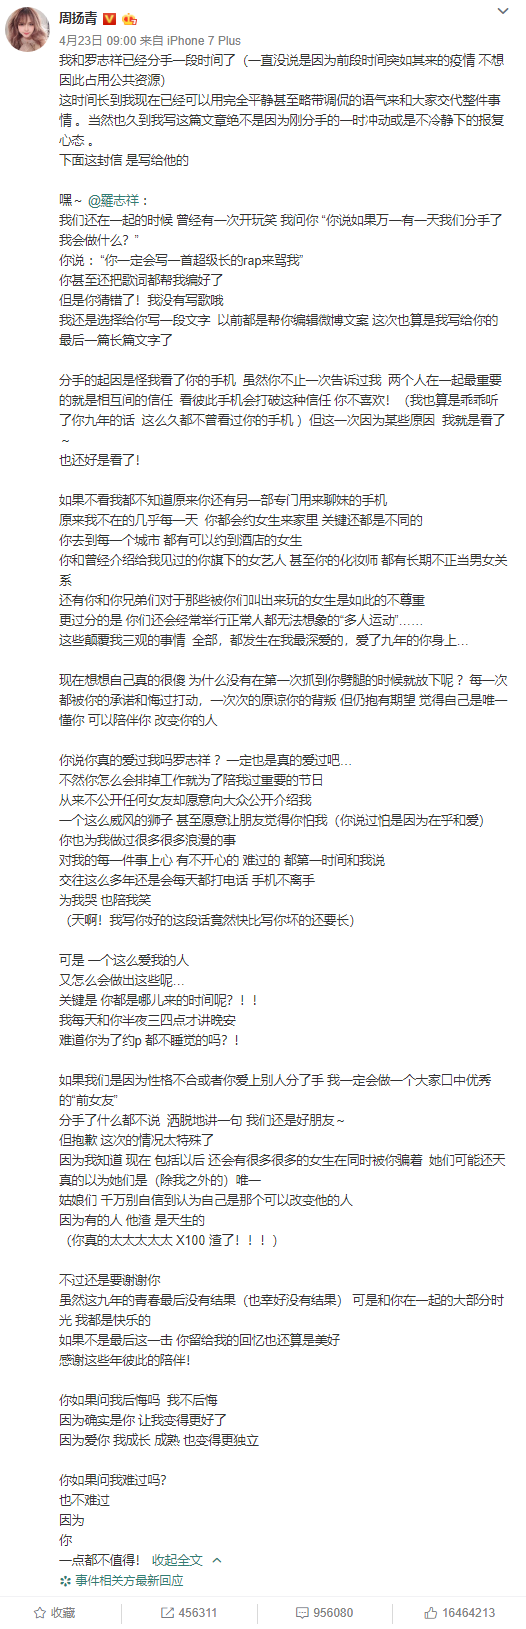 周扬青微博罗志祥为什么分手呢?